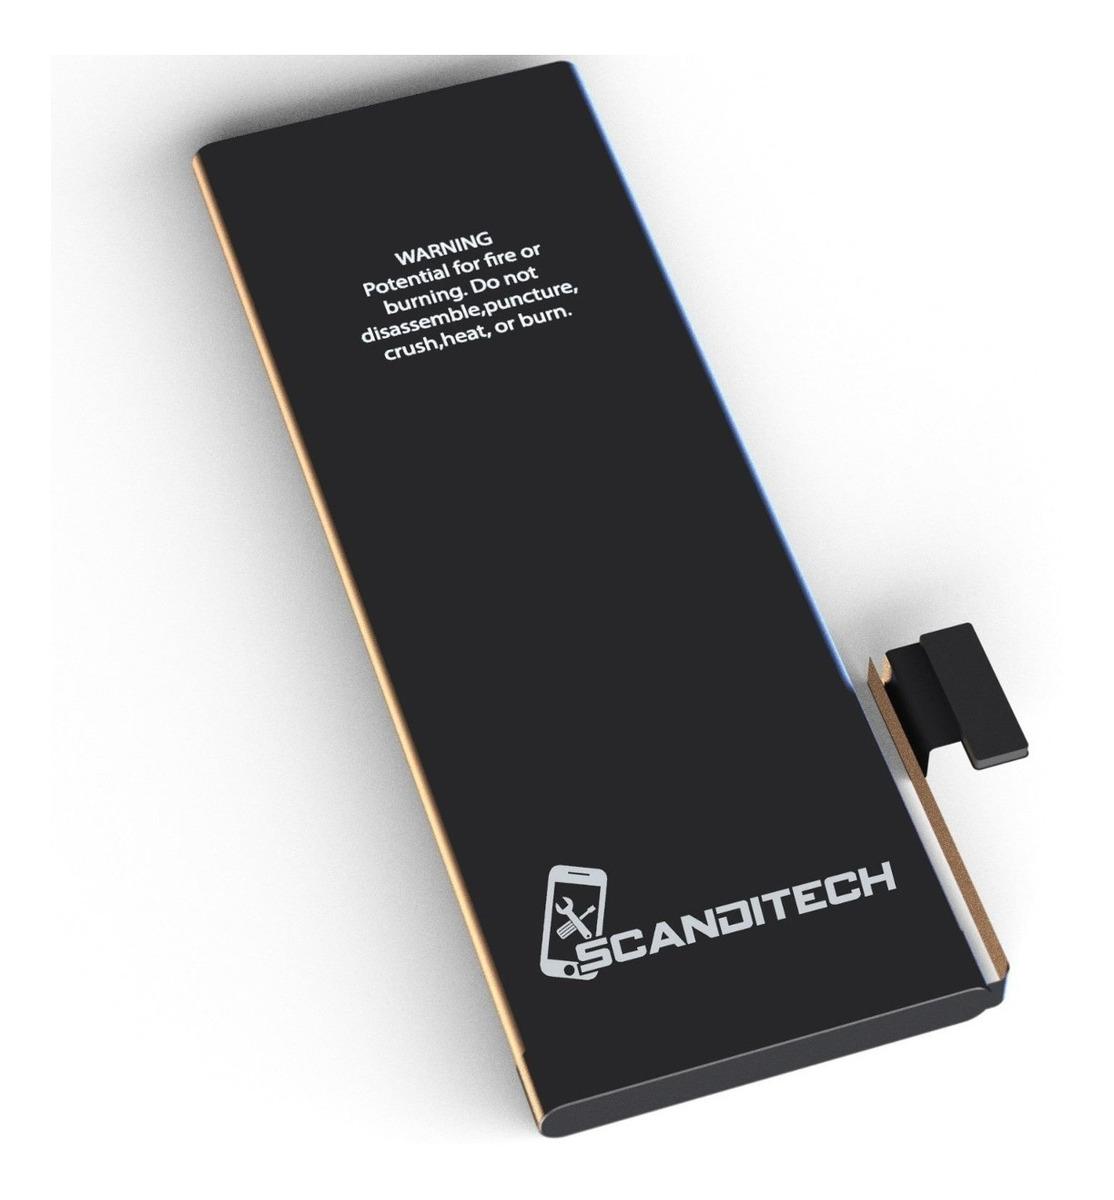 fc20664e8ac Bateria iPhone 6g Plus Scanditech 2915mah - R$ 78,76 em Mercado Livre